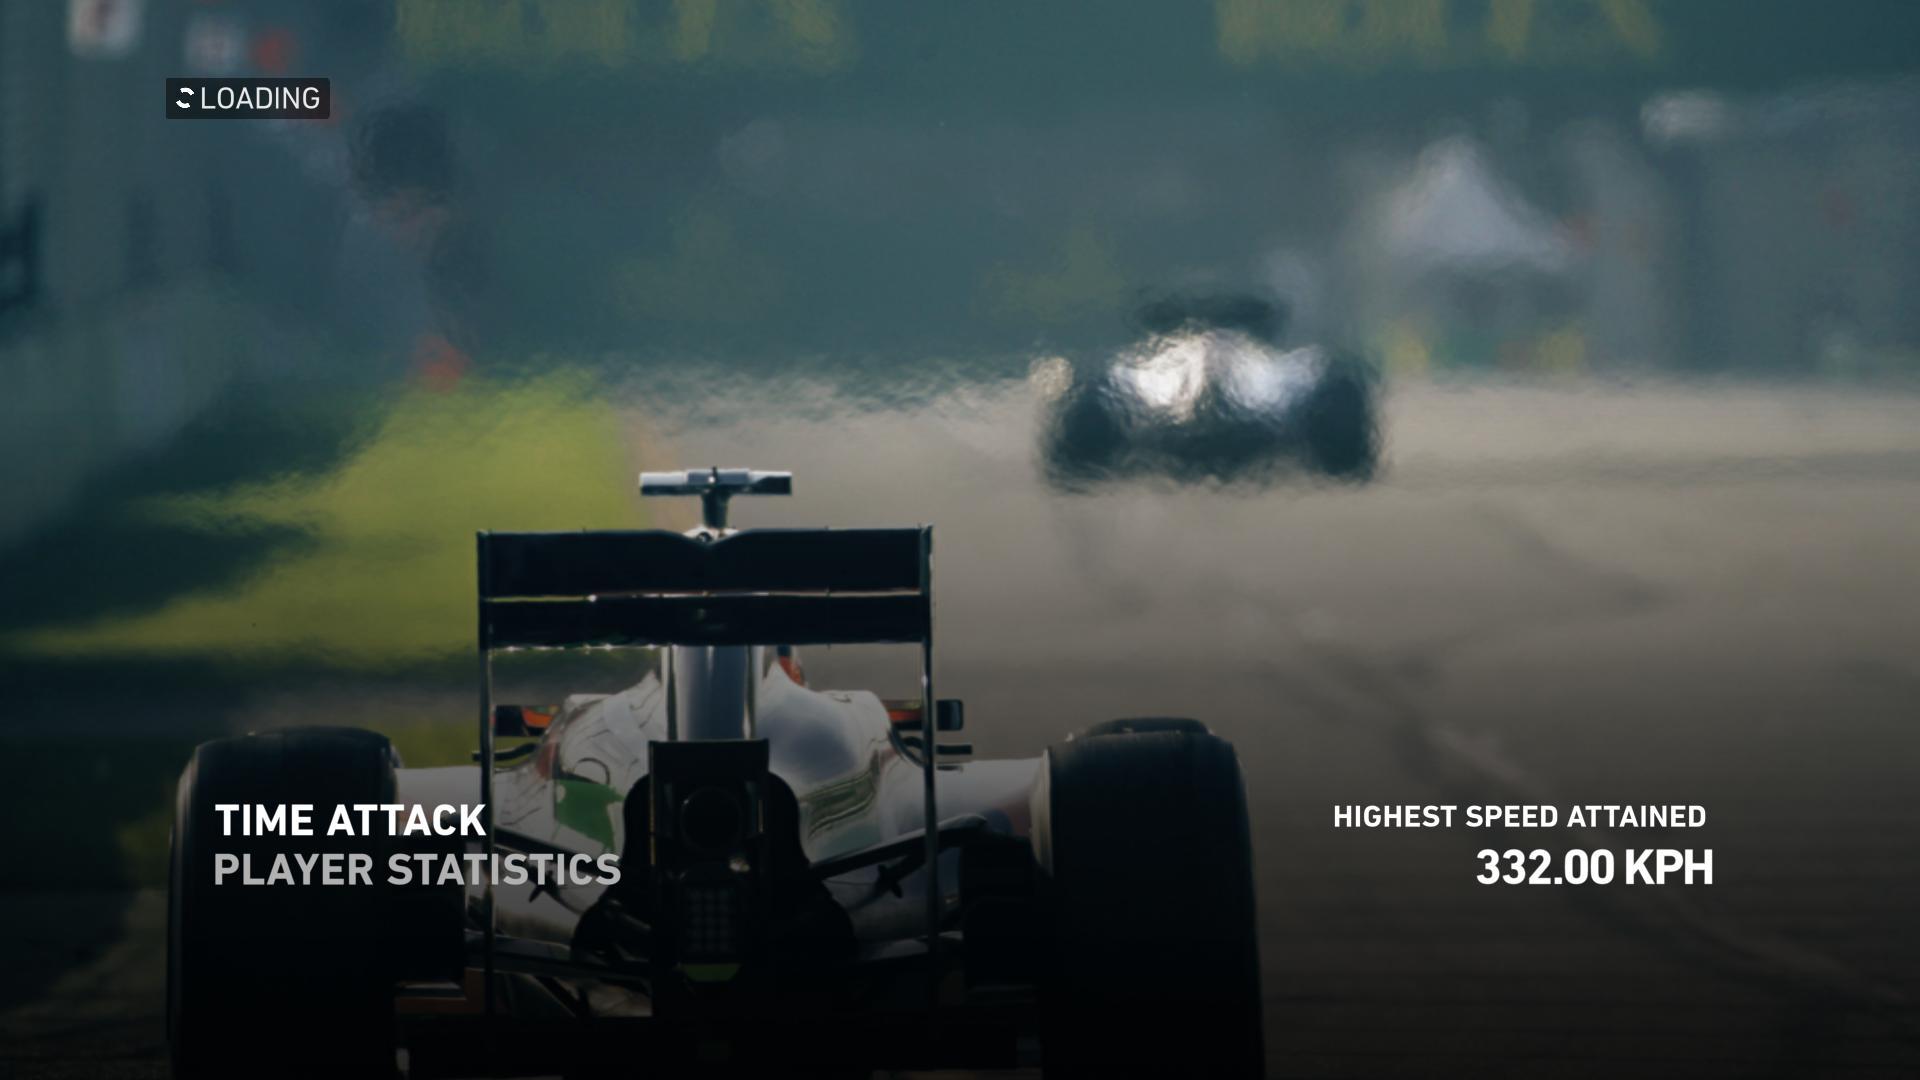 F1 2014 Loading Screen #8